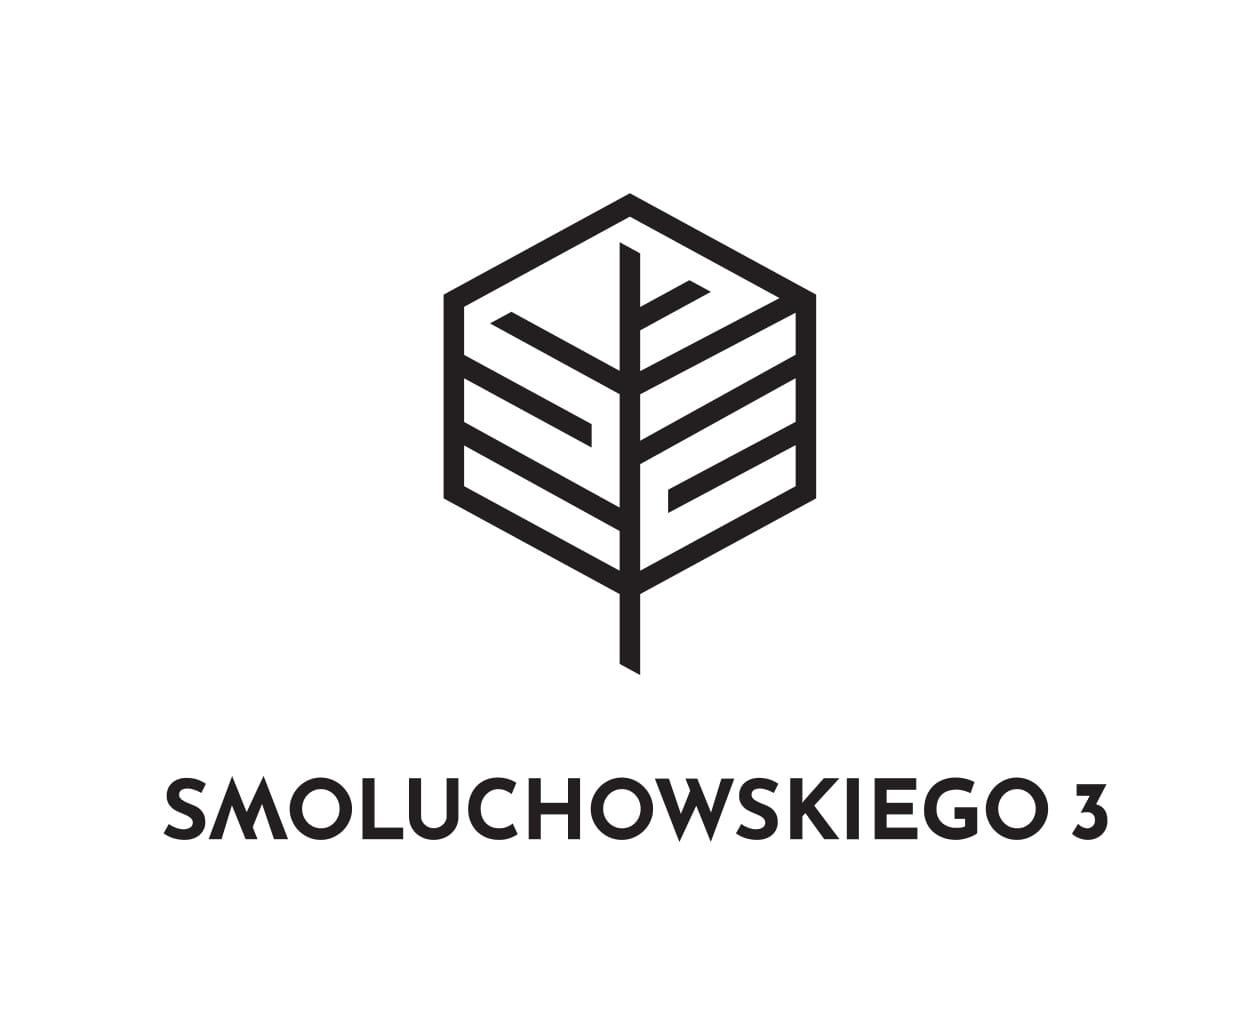 Smoluchowskiego/